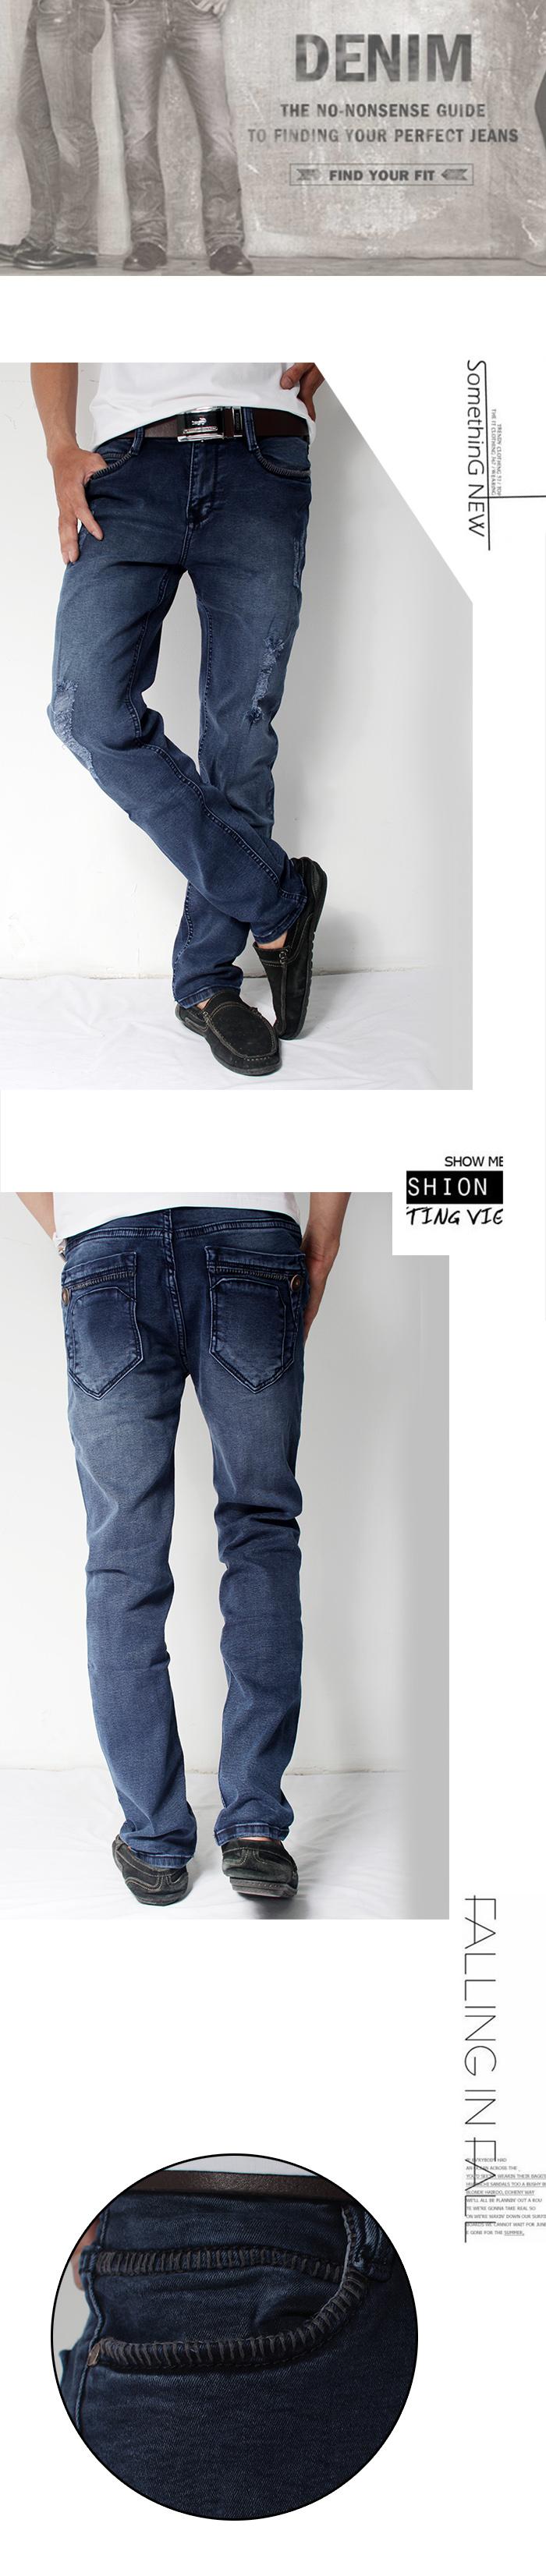 Quần jean rách xanh đen qj1134 - 1